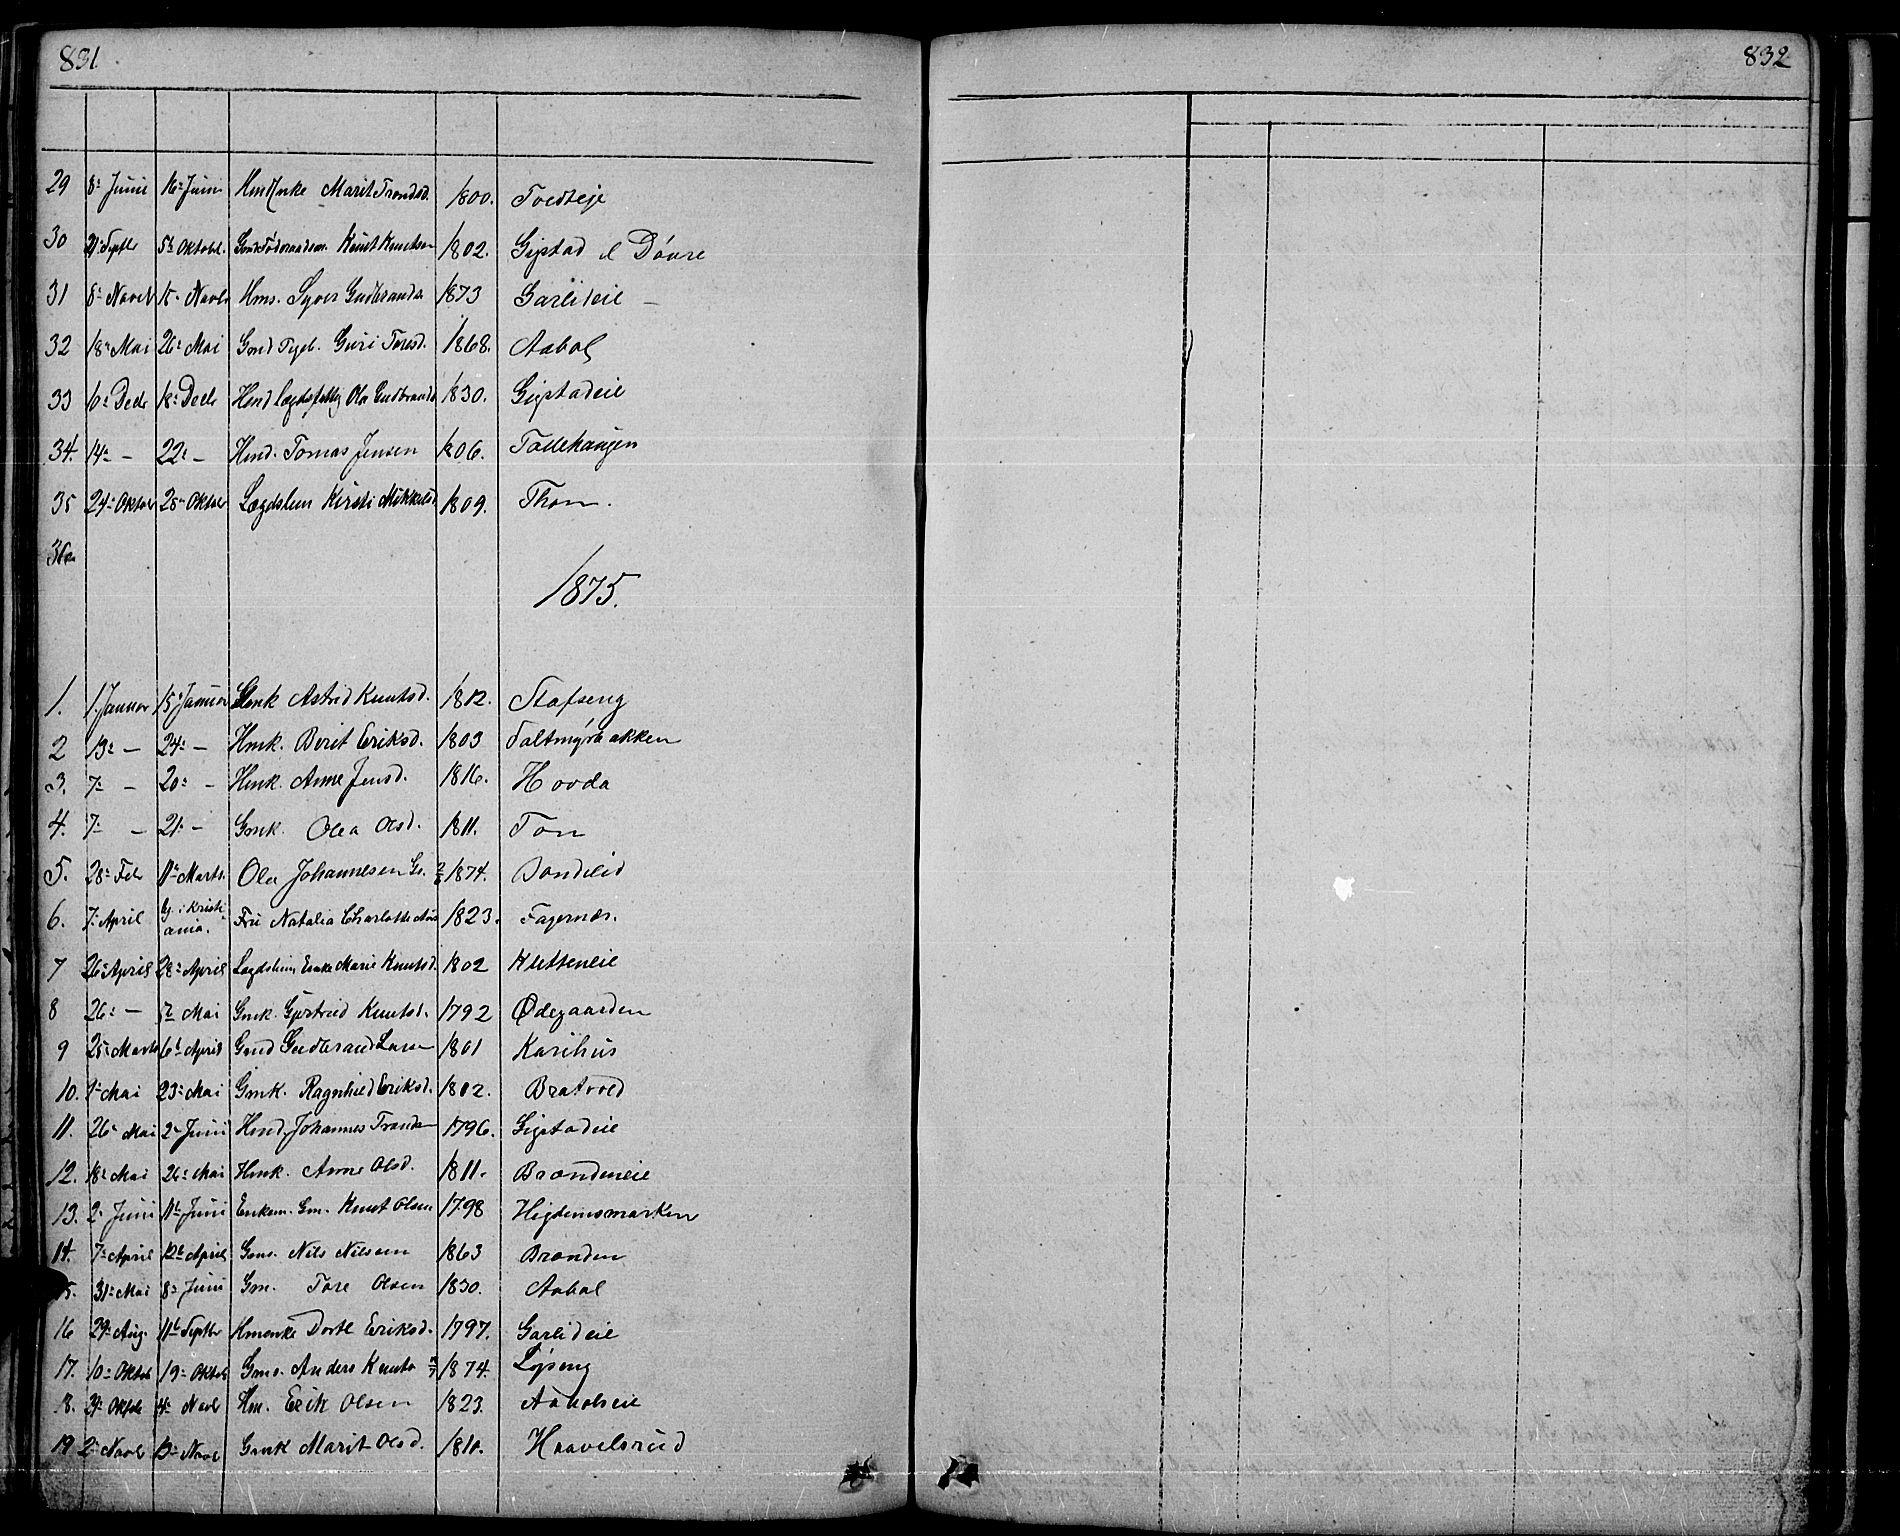 SAH, Nord-Aurdal prestekontor, Klokkerbok nr. 1, 1834-1887, s. 831-832